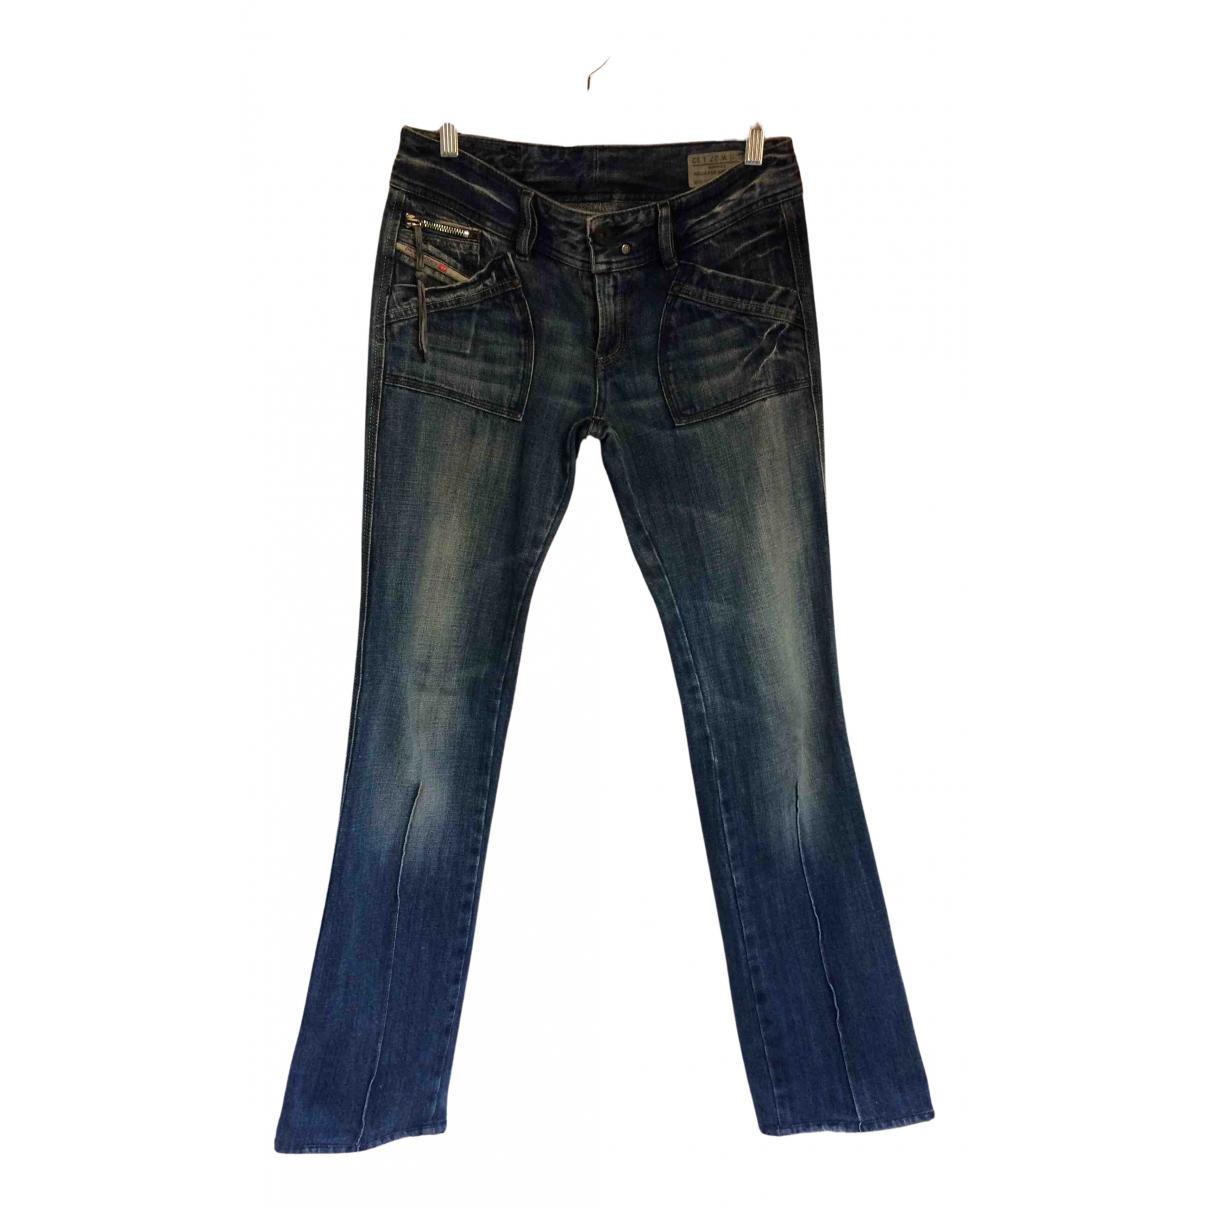 Diesel N Blue Denim - Jeans Trousers for Women 38 IT